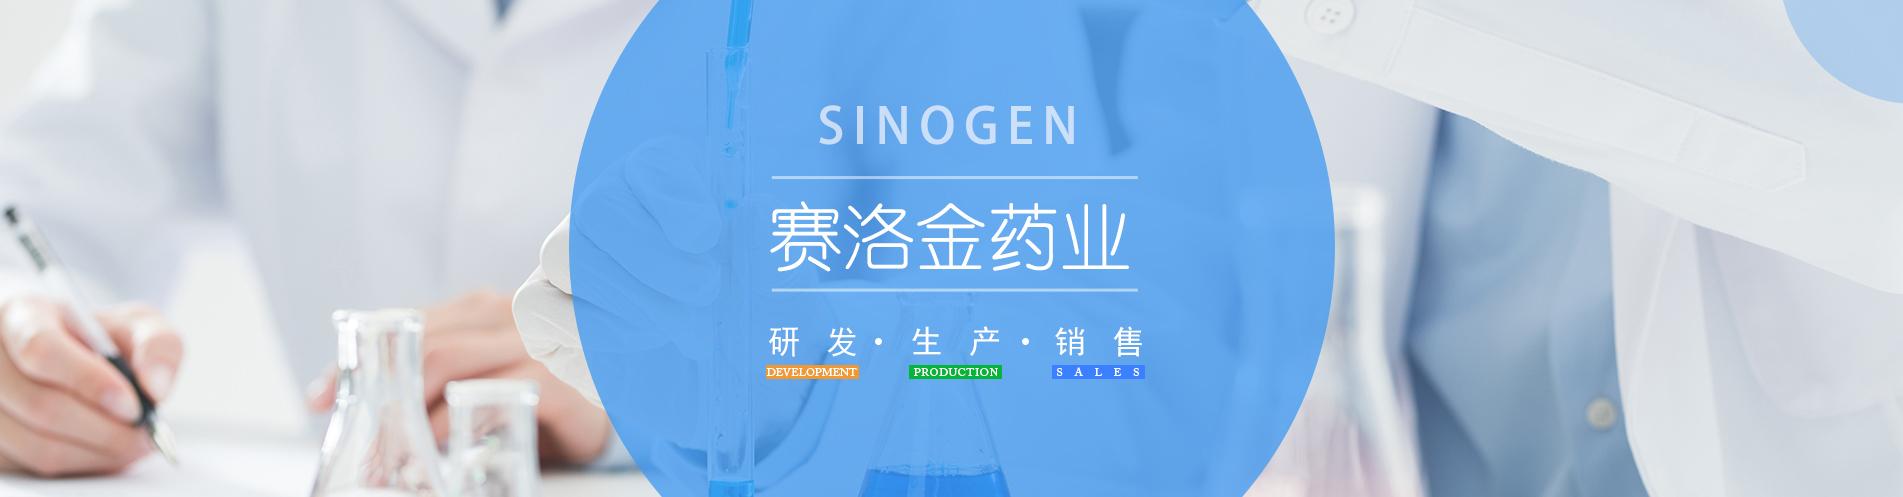 http://www.sinogen.cn/data/images/slide/20201210145409_888.jpg